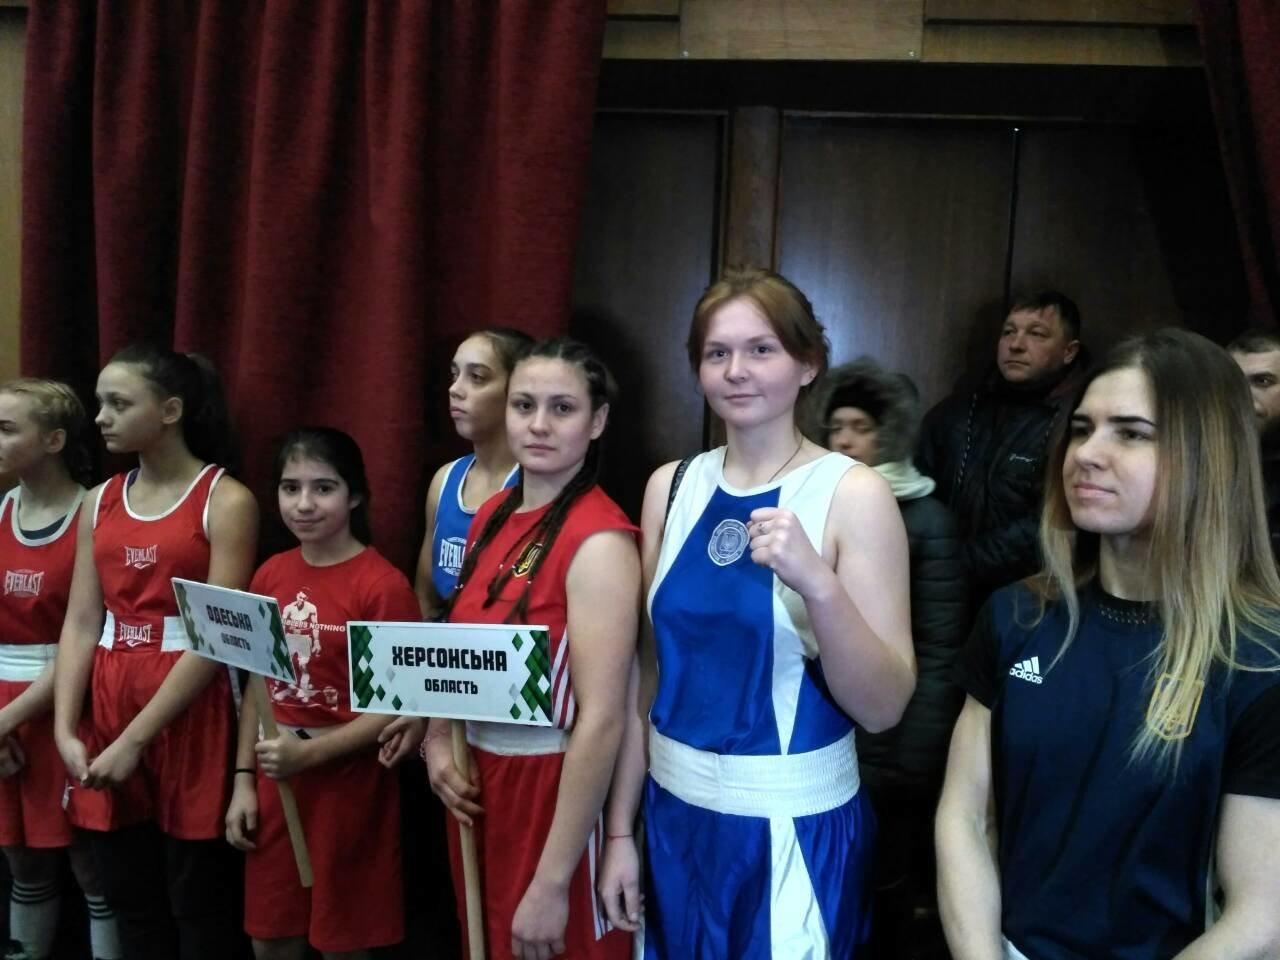 Херсонские спортсменки одержали первые победы на Чемпионате Украины по боксу, фото-1